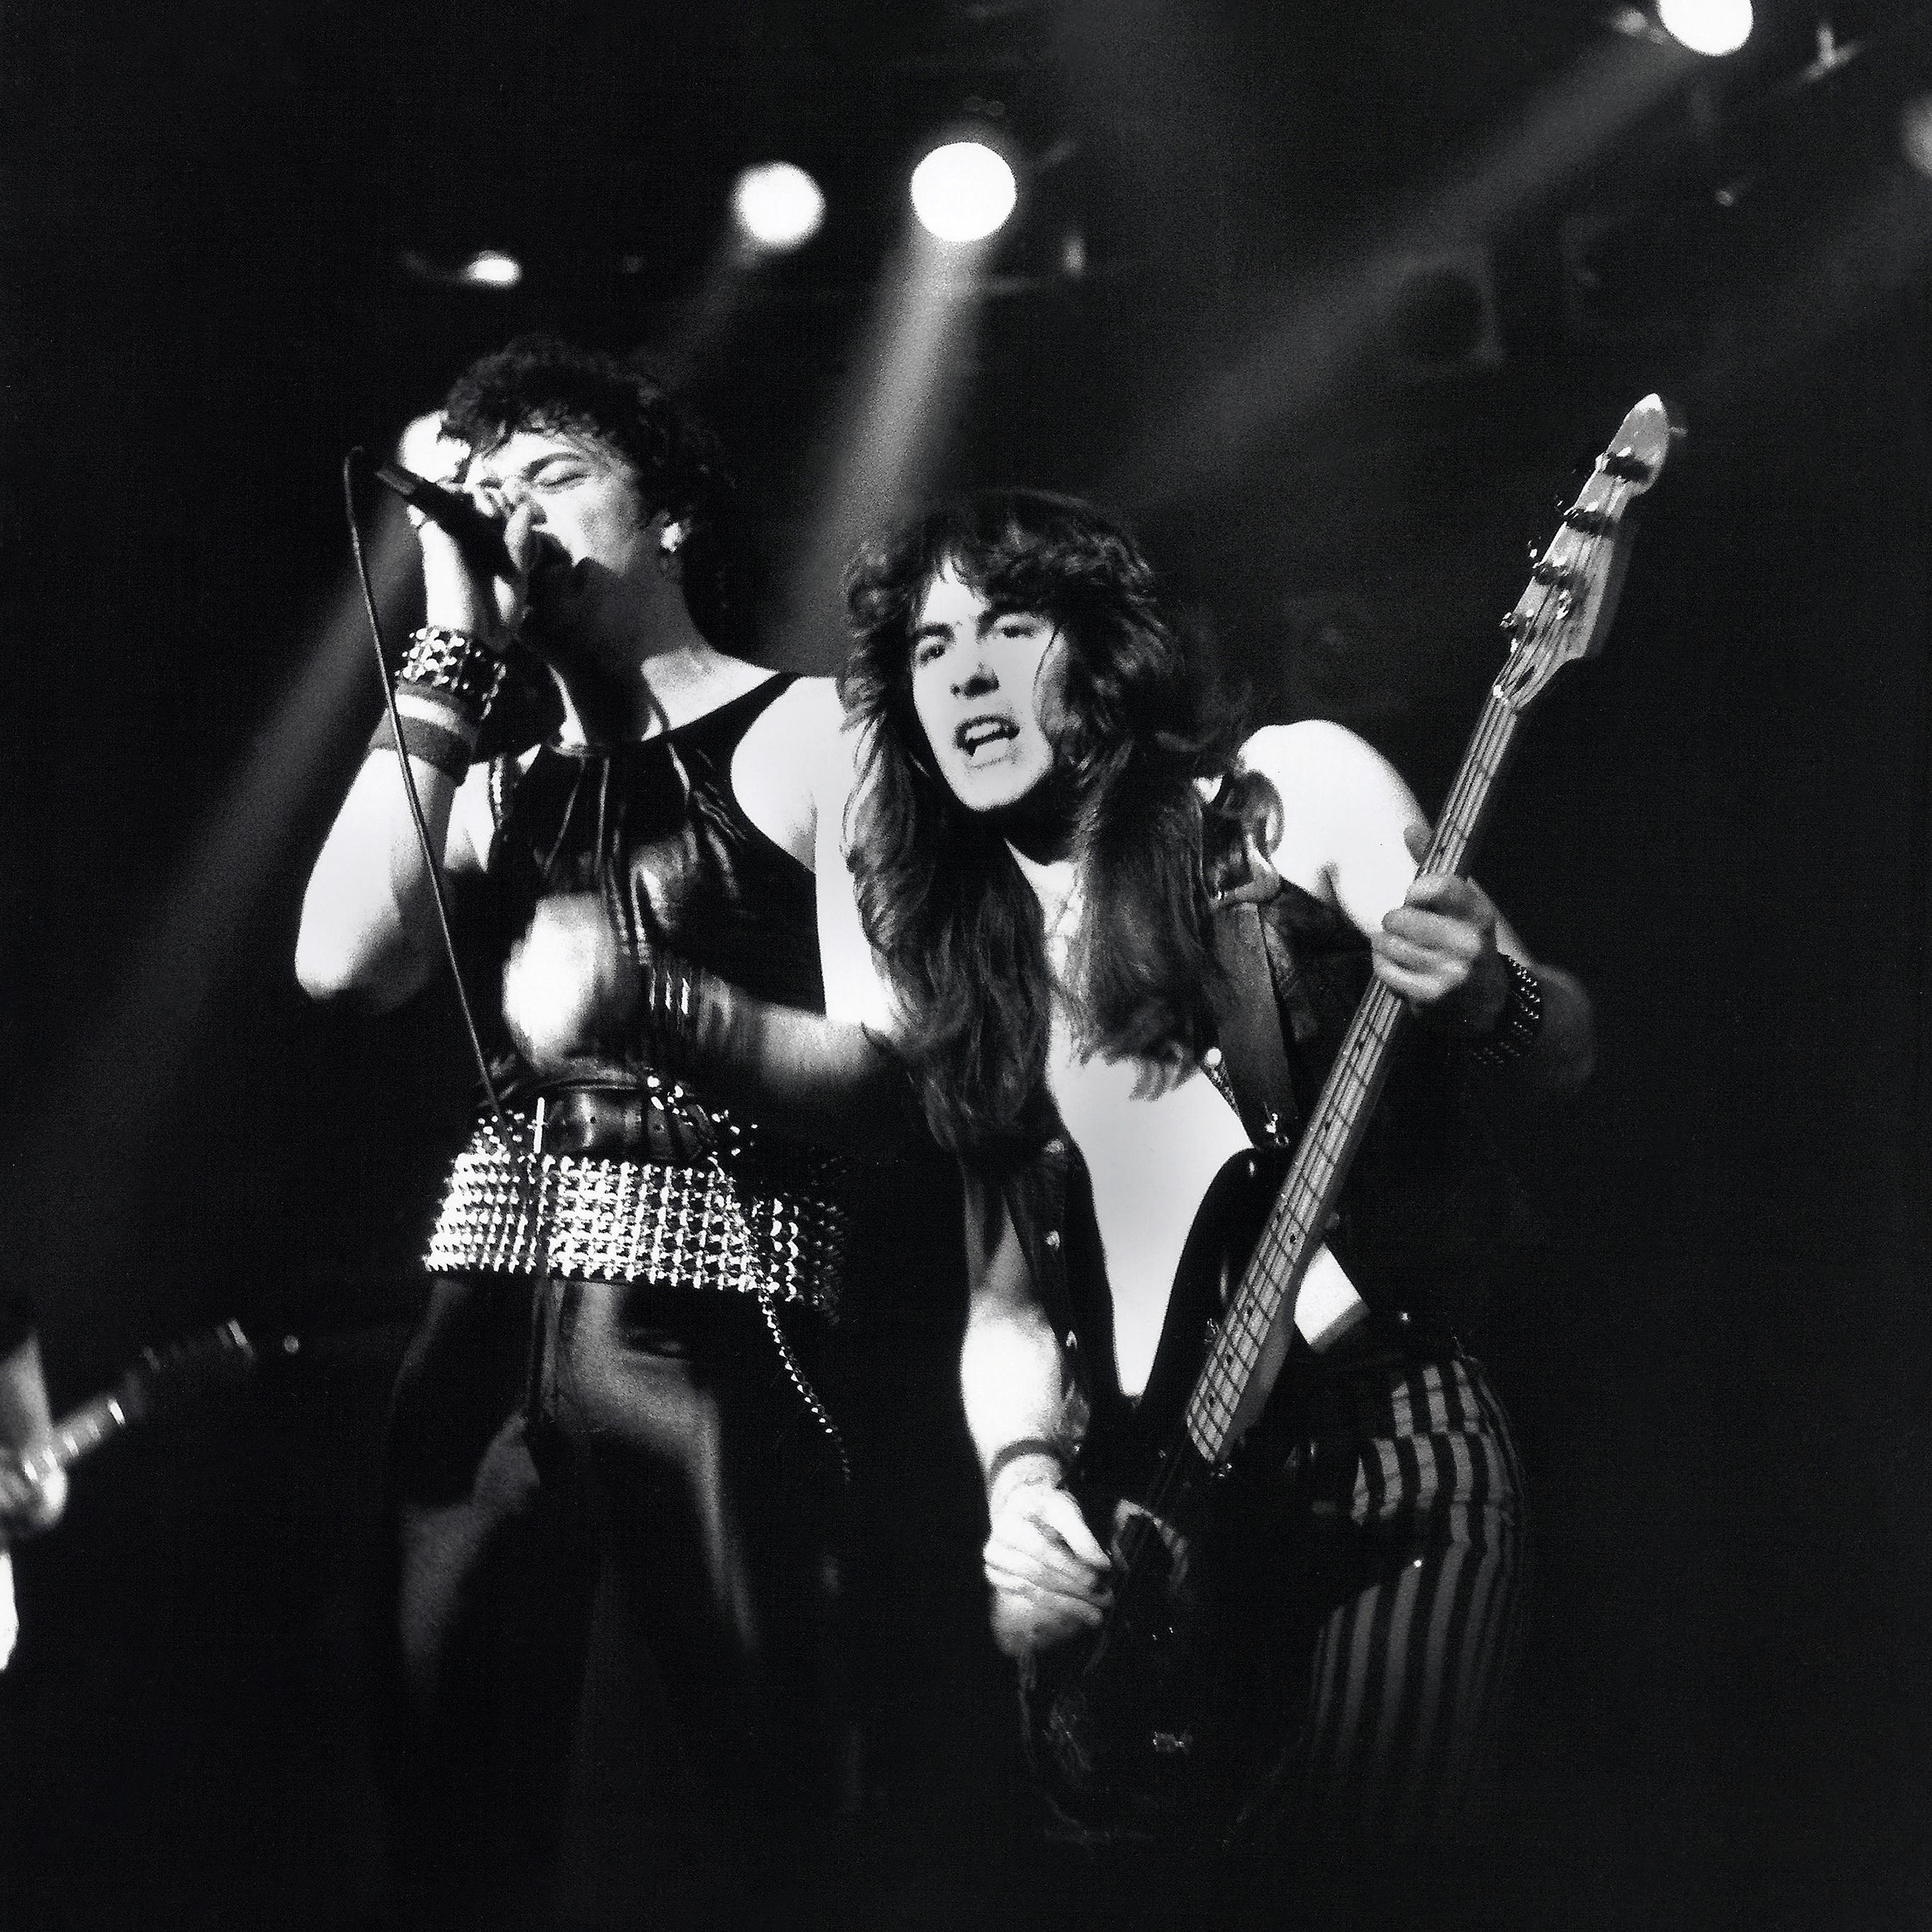 Wallpaper Iphone Iron Maiden: Hb27-wallpaper-iron-maiden-1980-manchester-music